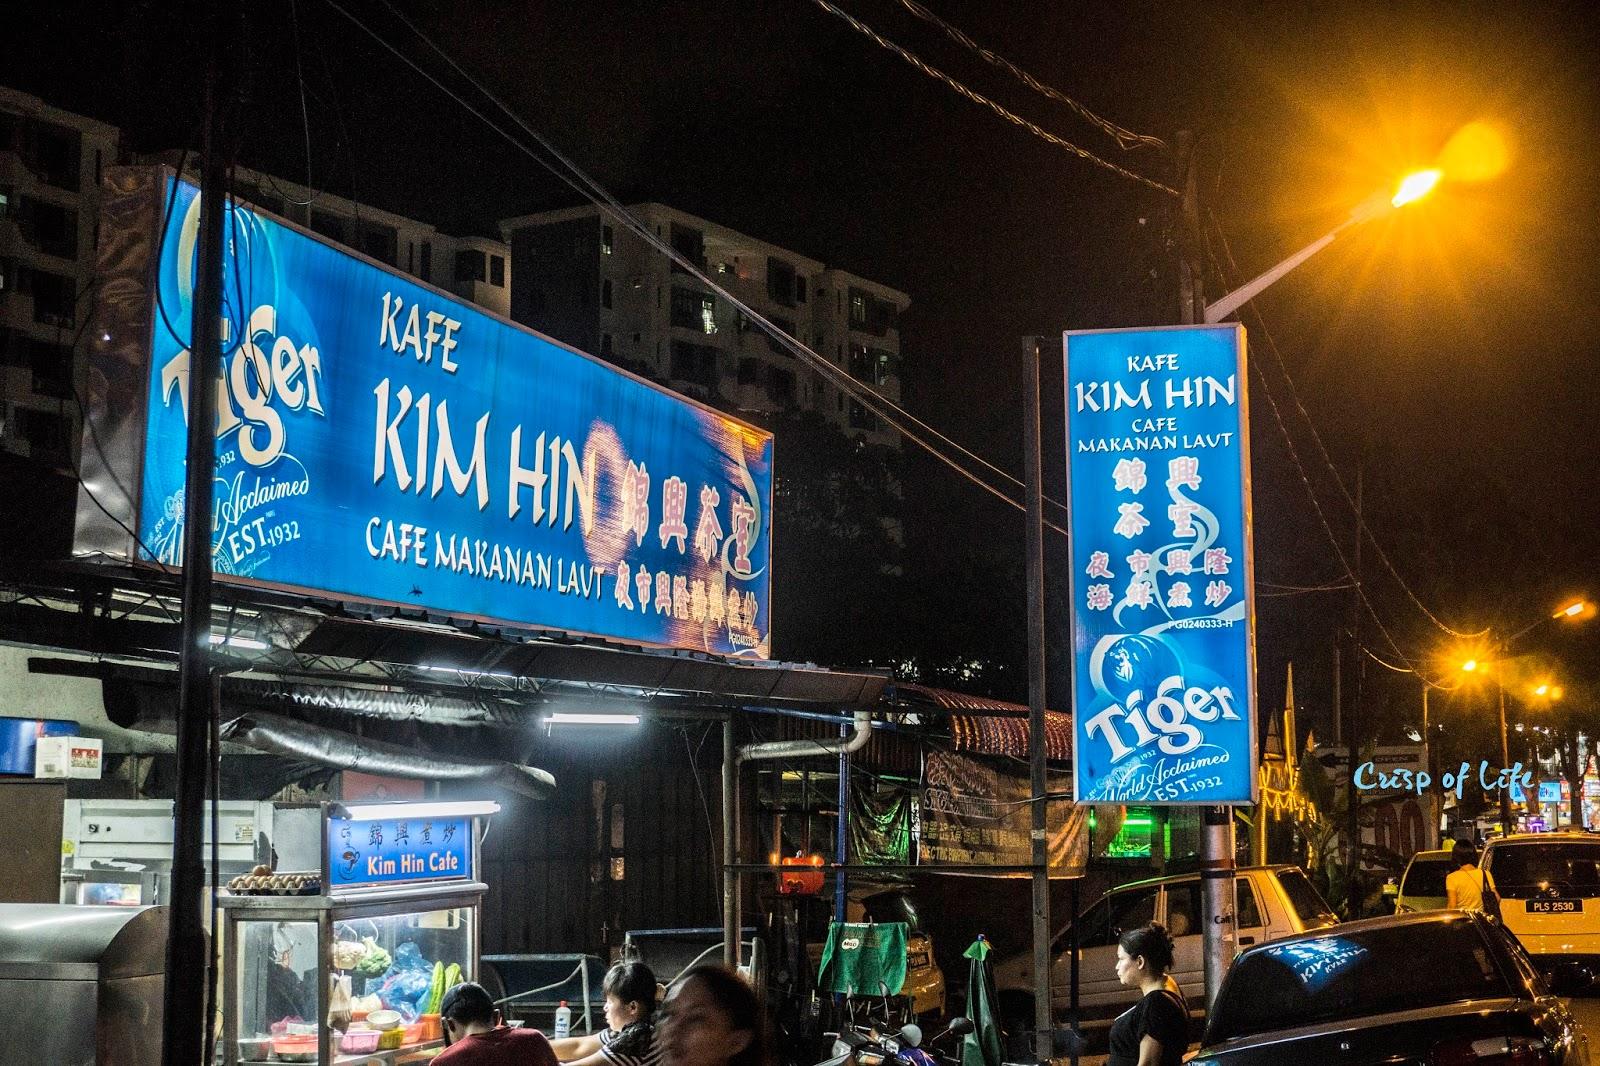 Kim Hin Cafe @ Gelugor, Penang